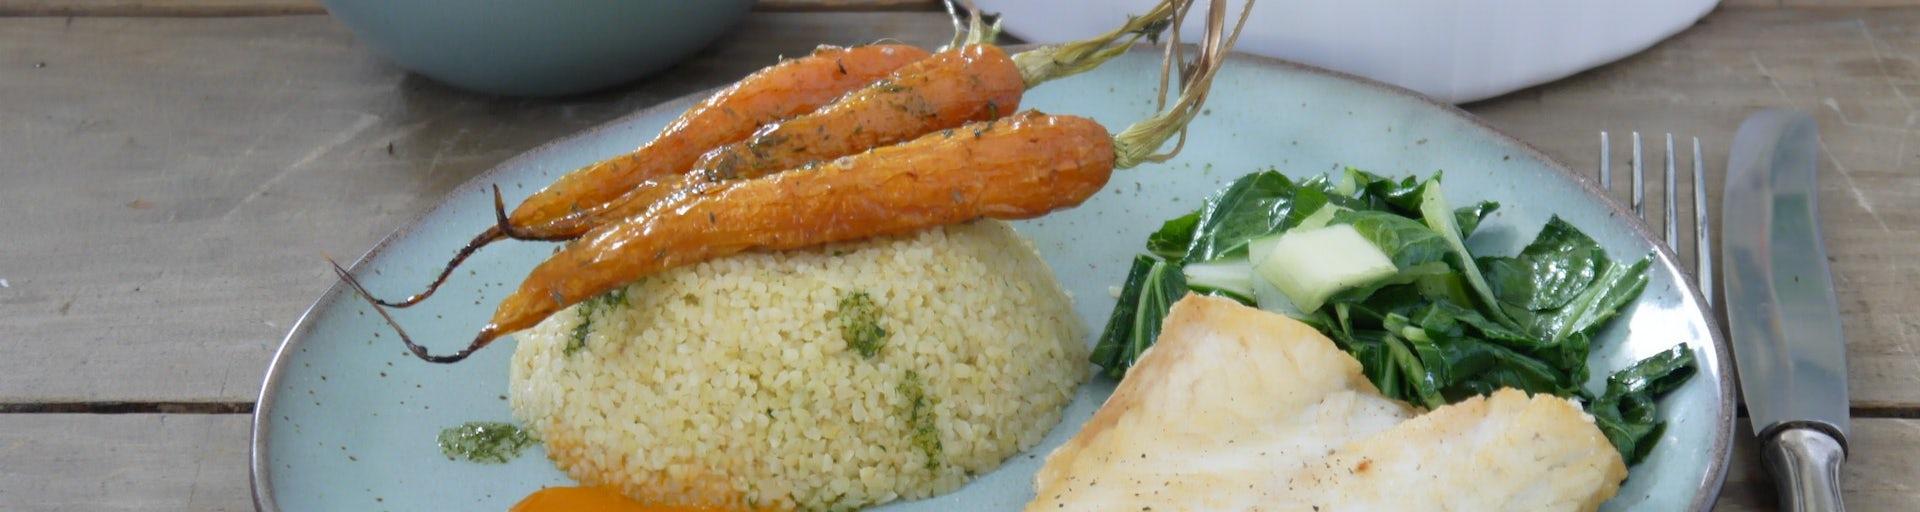 Maaltijdbox recept dorade met peen paksoi worteljus bulgur en dragonolie